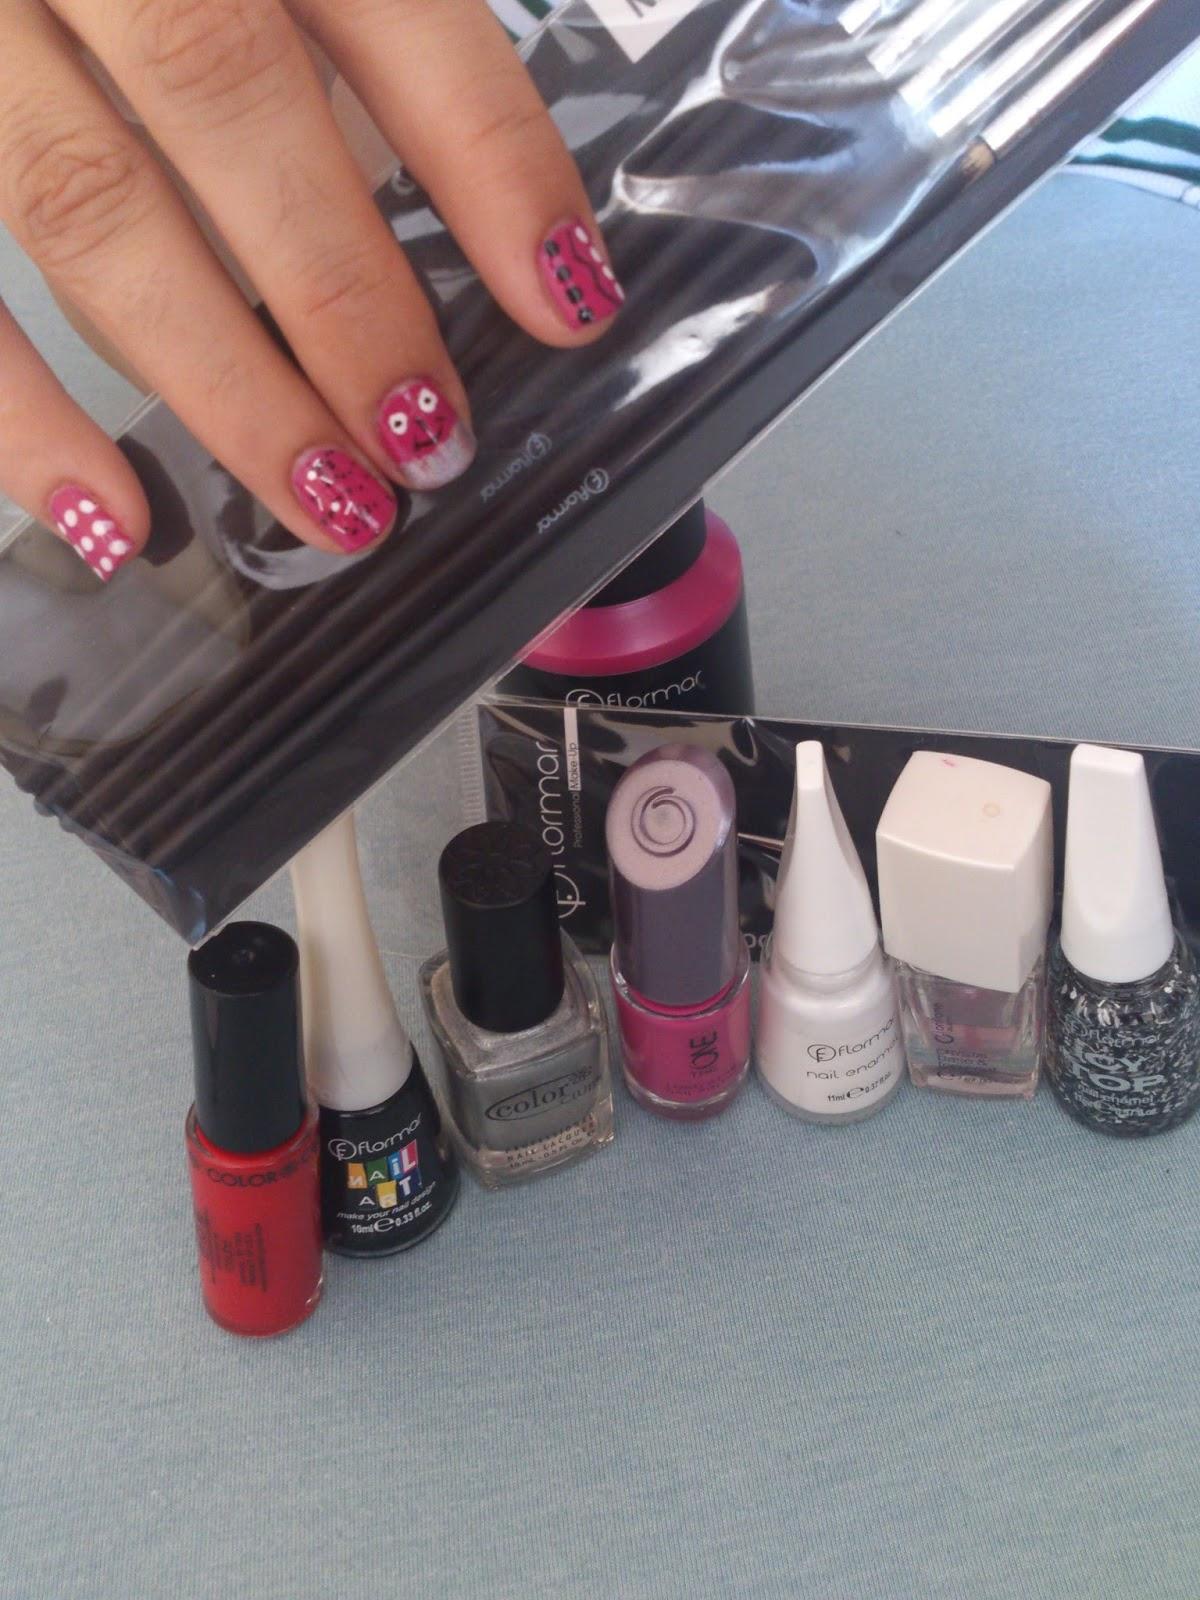 flormar - Beauty toys - Flormar nailart - Flormar nailart fırçalarını kullananlar - nailart fırçası kullanımı - flormar dotting pen - kolay nailart modelleri